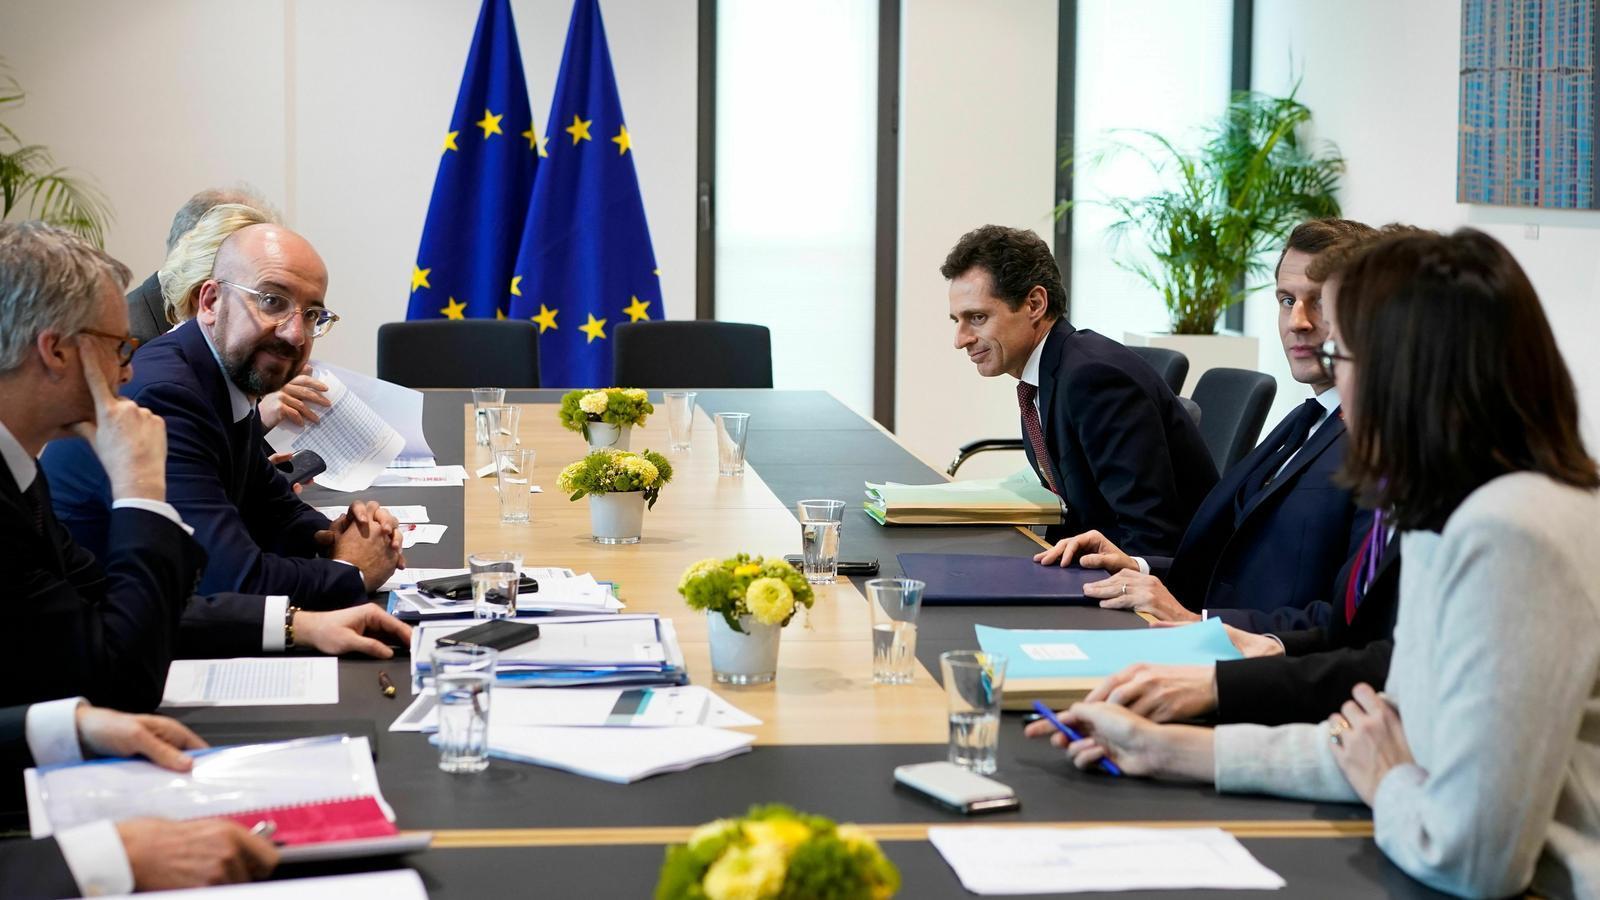 El president francès, Emmanuel Macron, assisteix a una reunió amb el president del Consell Europeu, Charles Michel, en el marc del segon dia d'una cimera especial del Consell Europeu a Brussel·les , Bèlgica